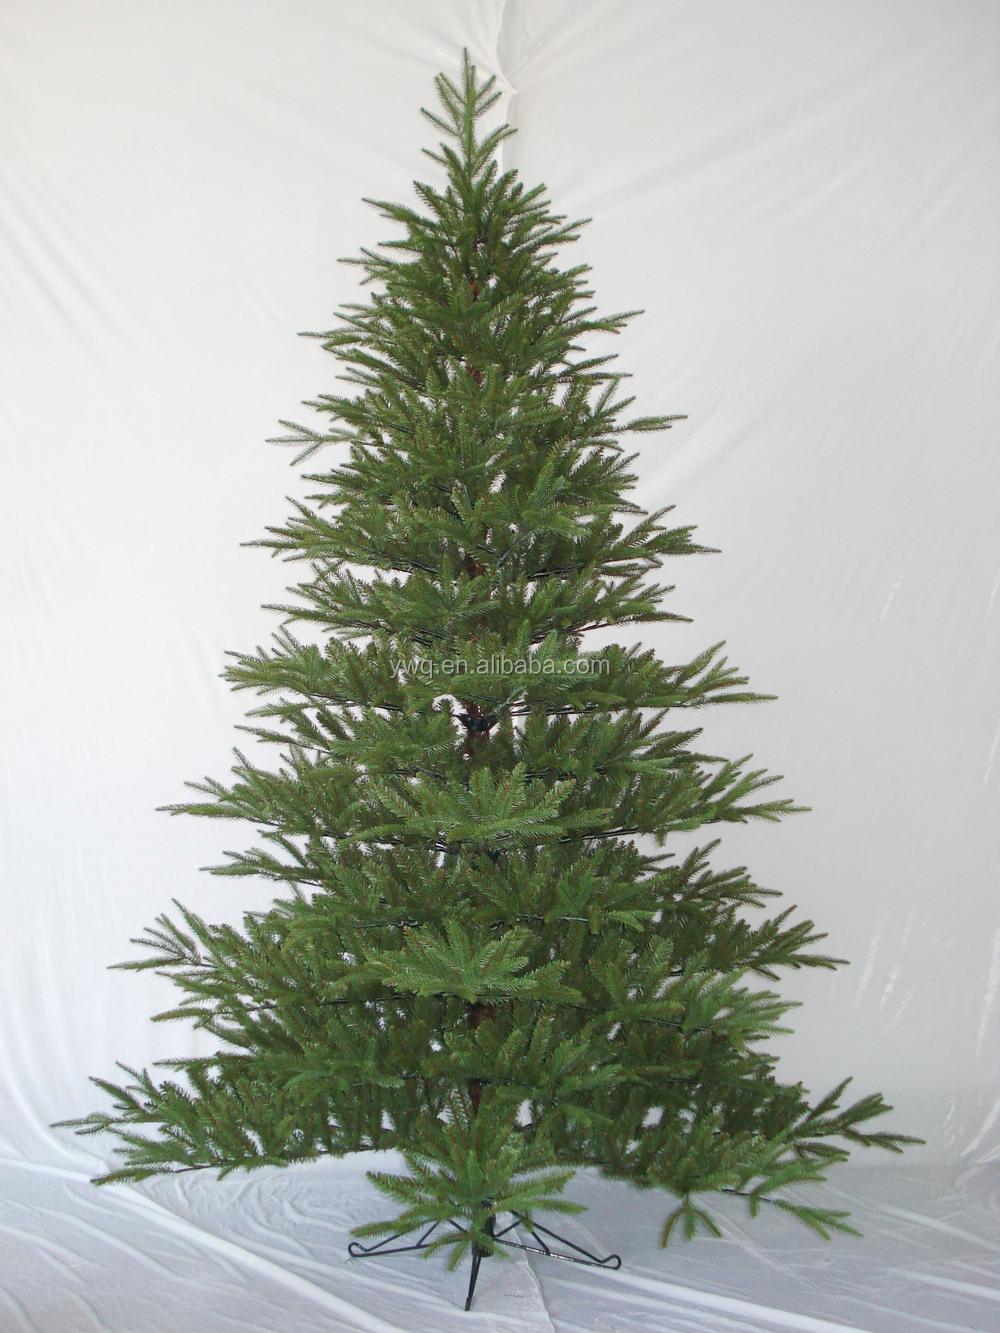 Weihnachtsbaum Schneit.3m Schneit Weihnachtsbaum Buy 3m Weihnachtsbaum Schneit Weihnachtsbaum Outdoor Hohen Metall Weihnachtsbäume Product On Alibaba Com